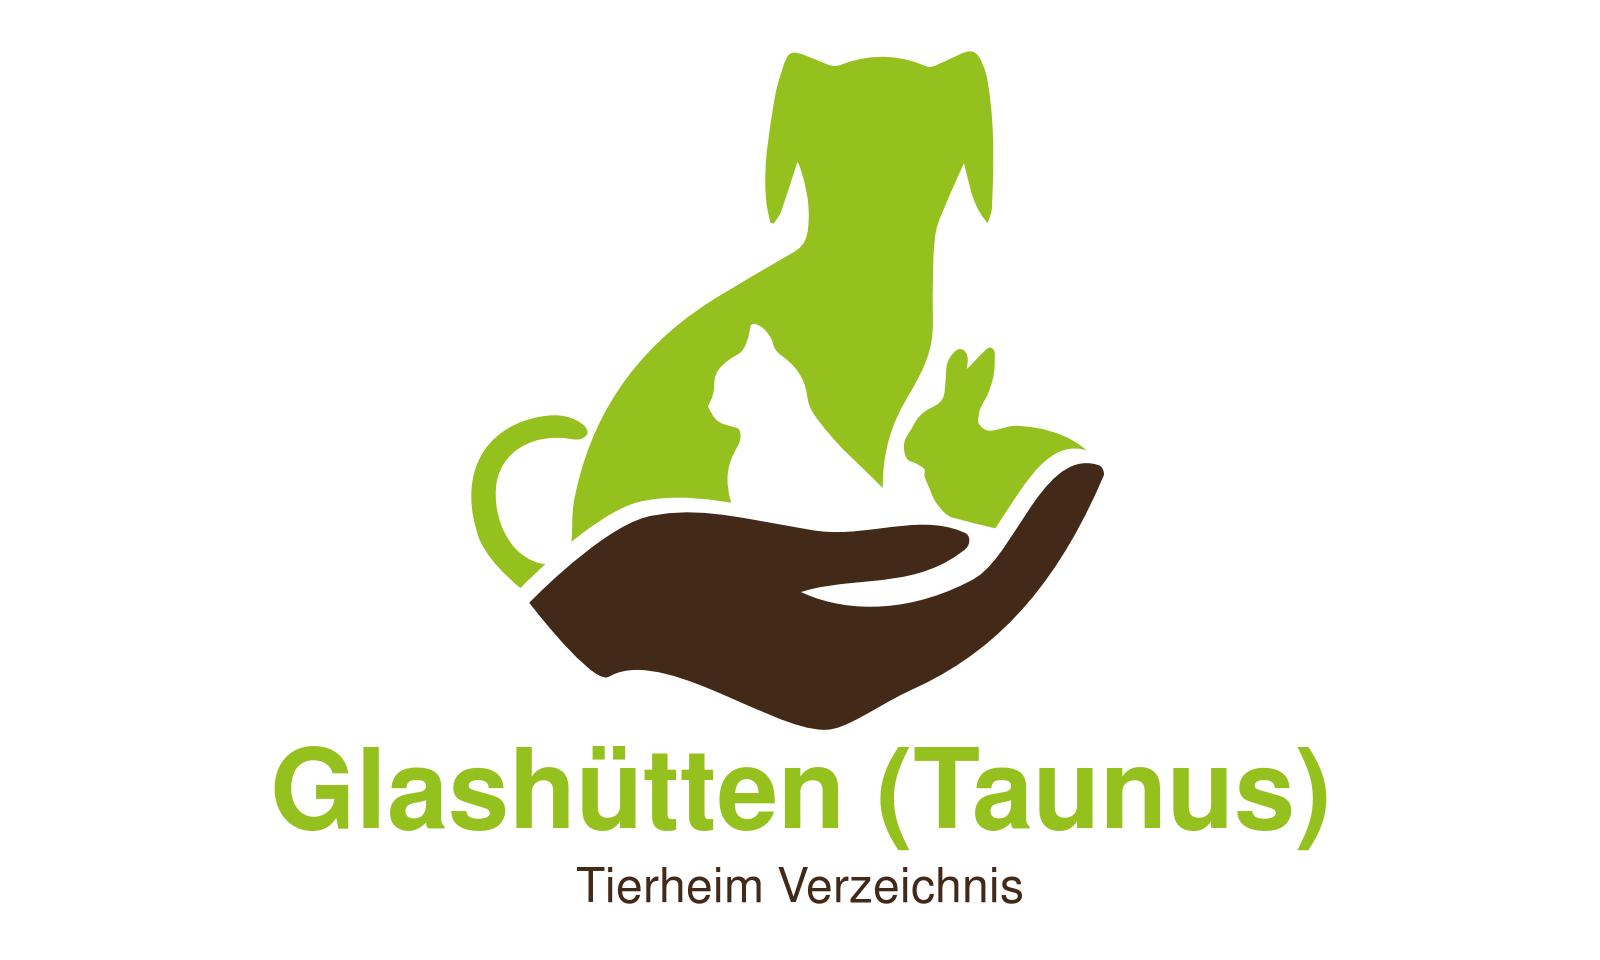 Tierheim Glashütten (Taunus)